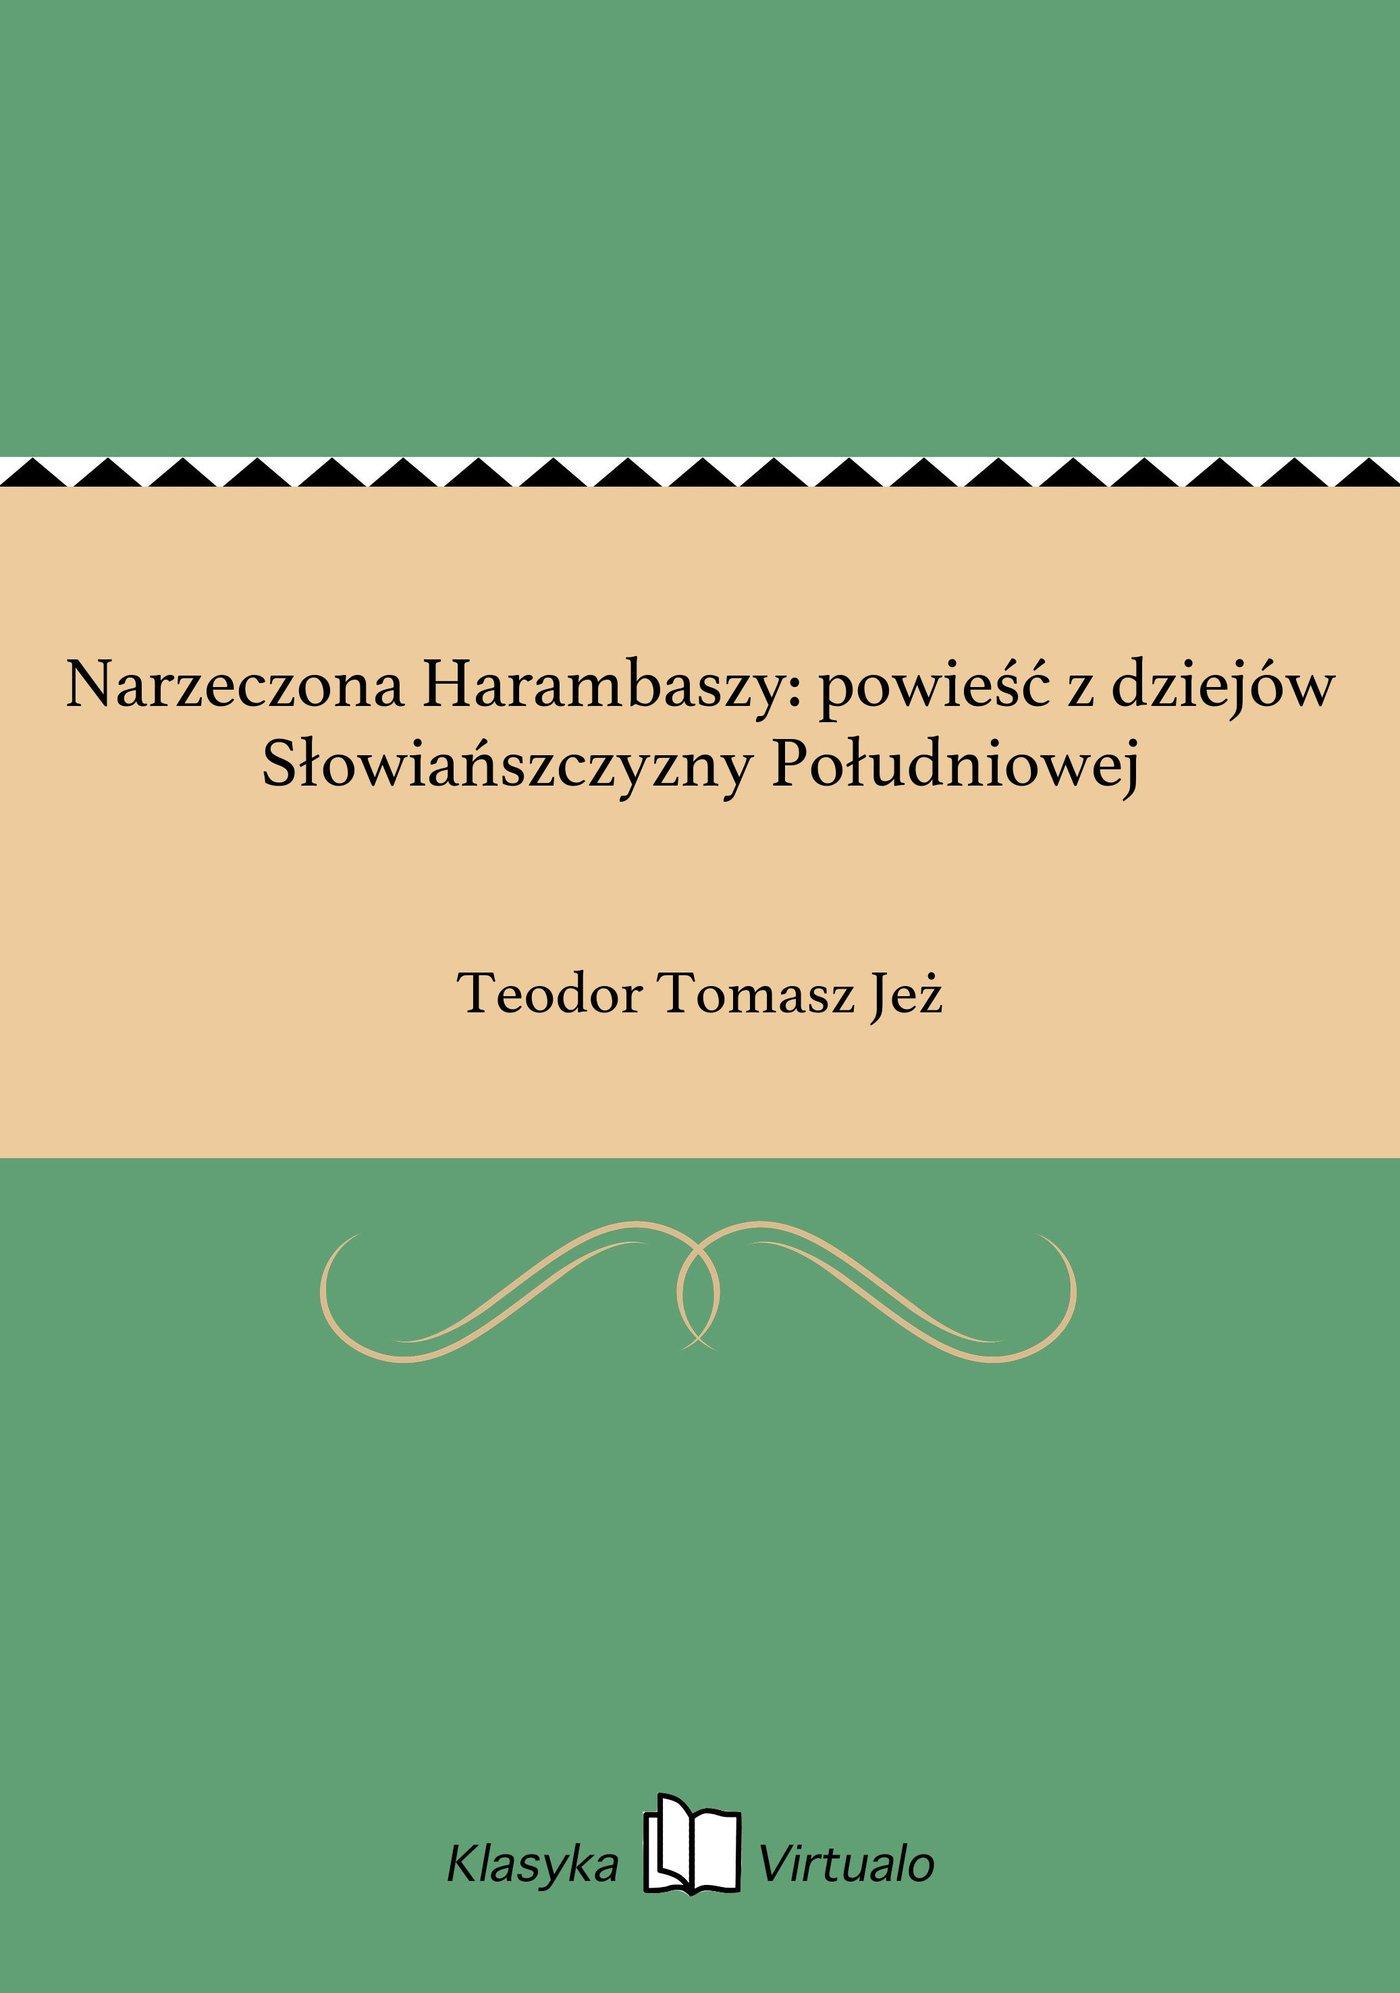 Narzeczona Harambaszy: powieść z dziejów Słowiańszczyzny Południowej - Ebook (Książka na Kindle) do pobrania w formacie MOBI